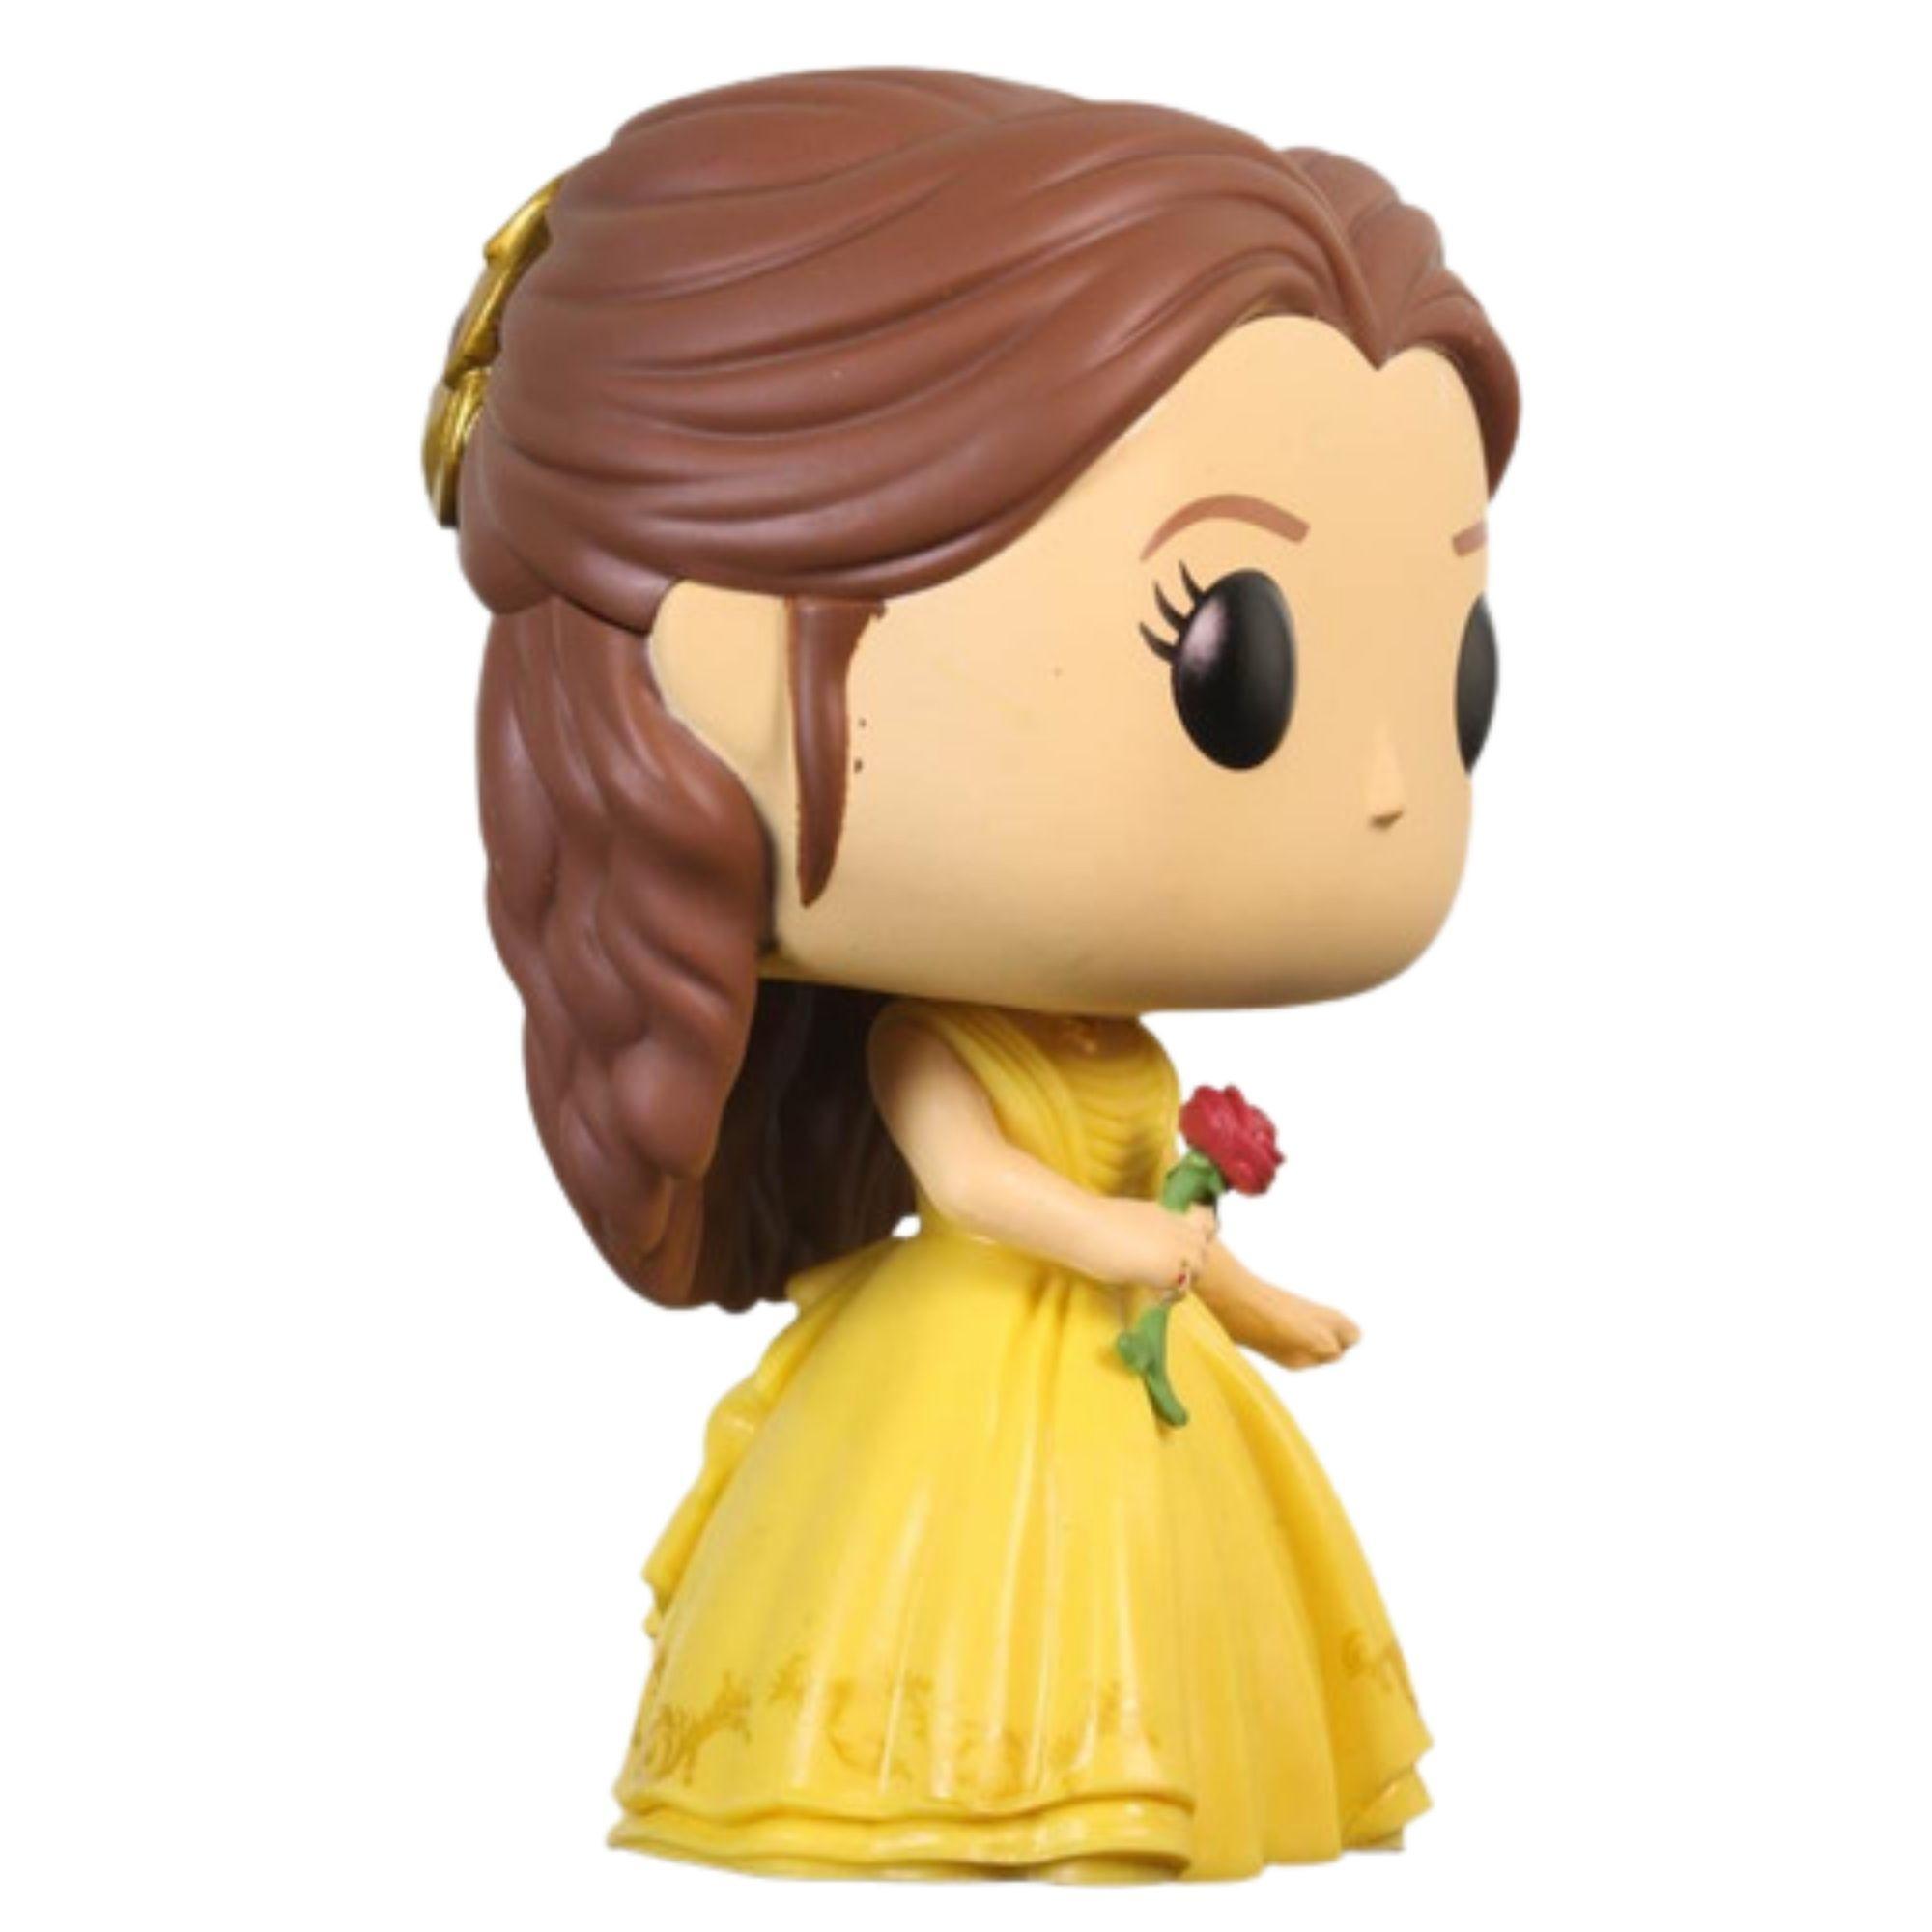 Funko Pop Disney Princesa Belle Bela e a Fera #242  - Game Land Brinquedos